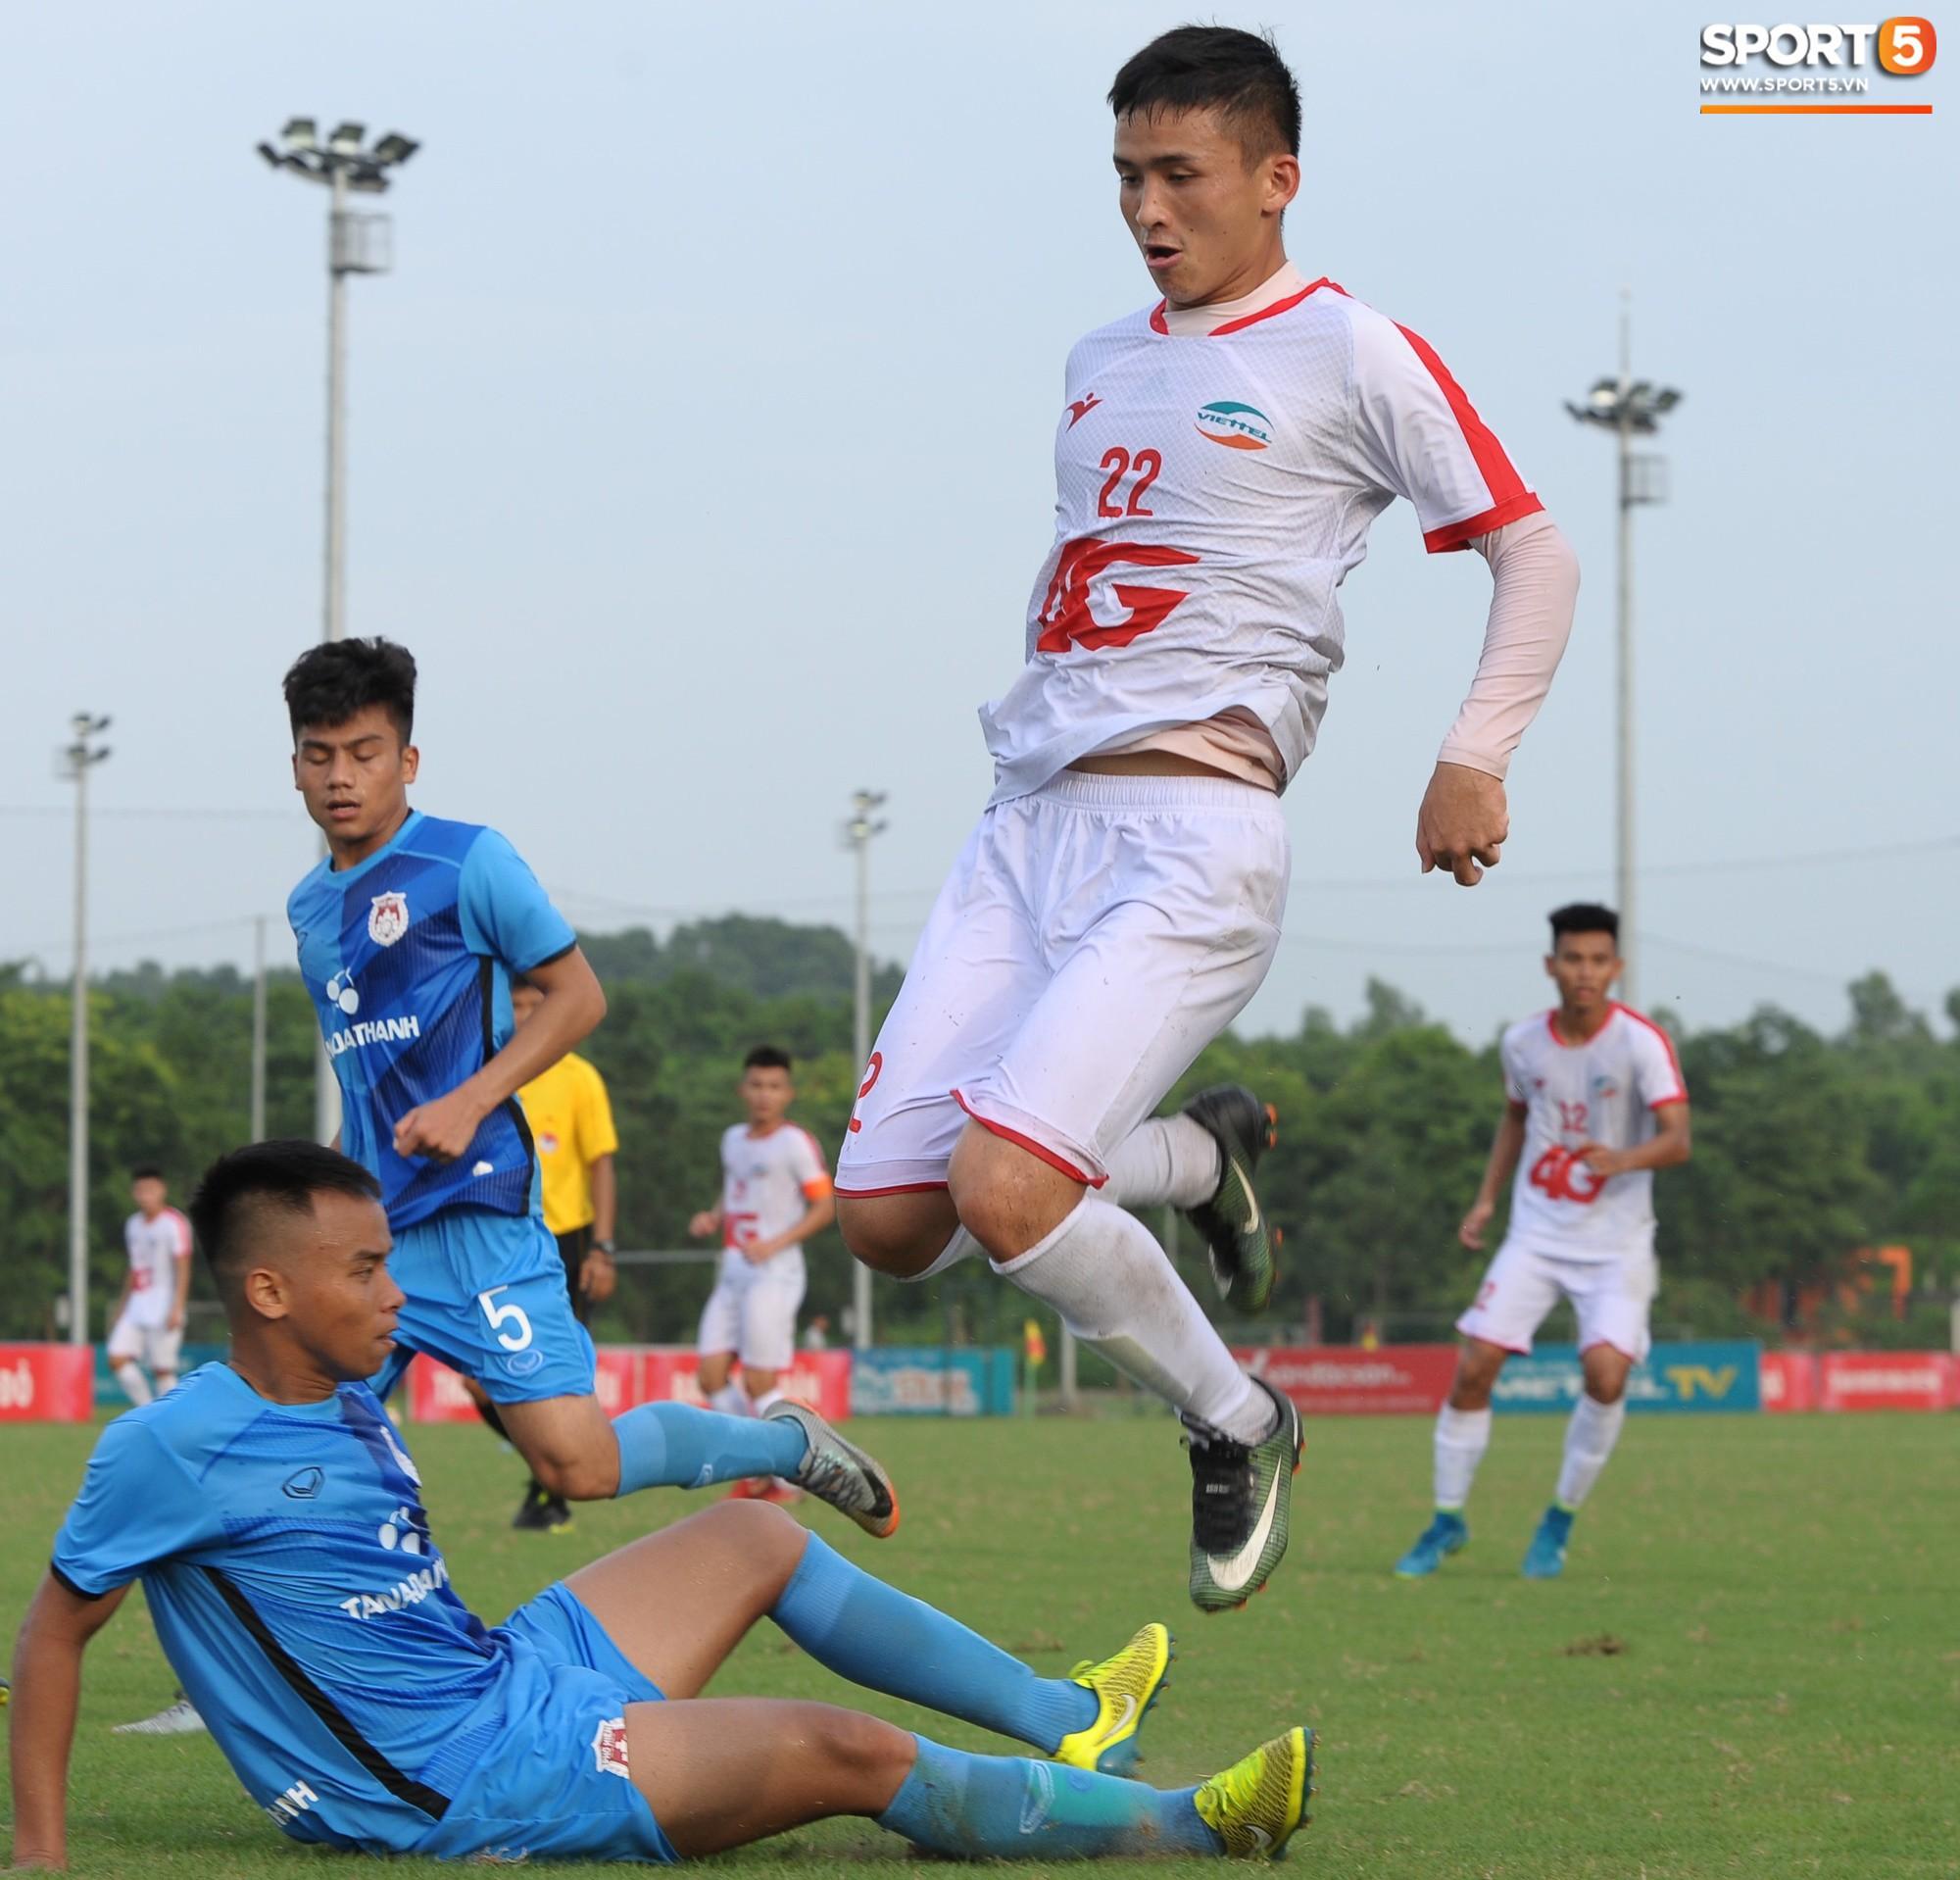 Sao trẻ U23 lập công, Viettel để Phố Hiến cầm hòa 1-1 trong ngày khai mạc giải U21 Quốc gia - Ảnh 10.